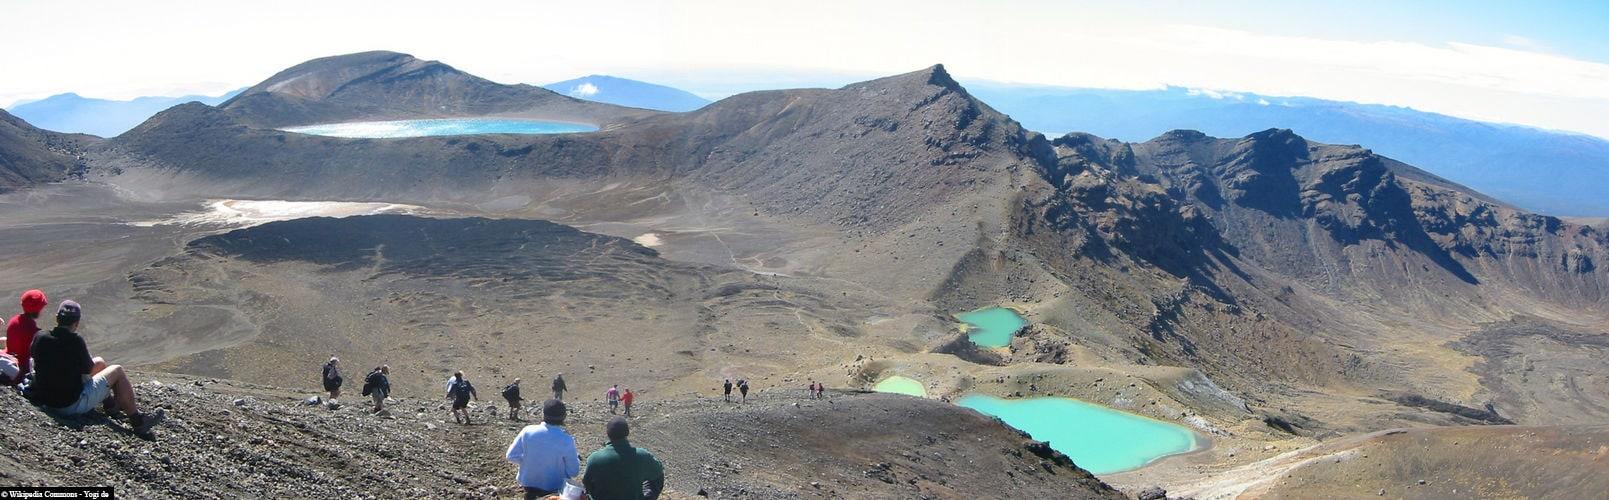 Tongariro Alpine Crossing, New Zealand, North Island, Travelreport